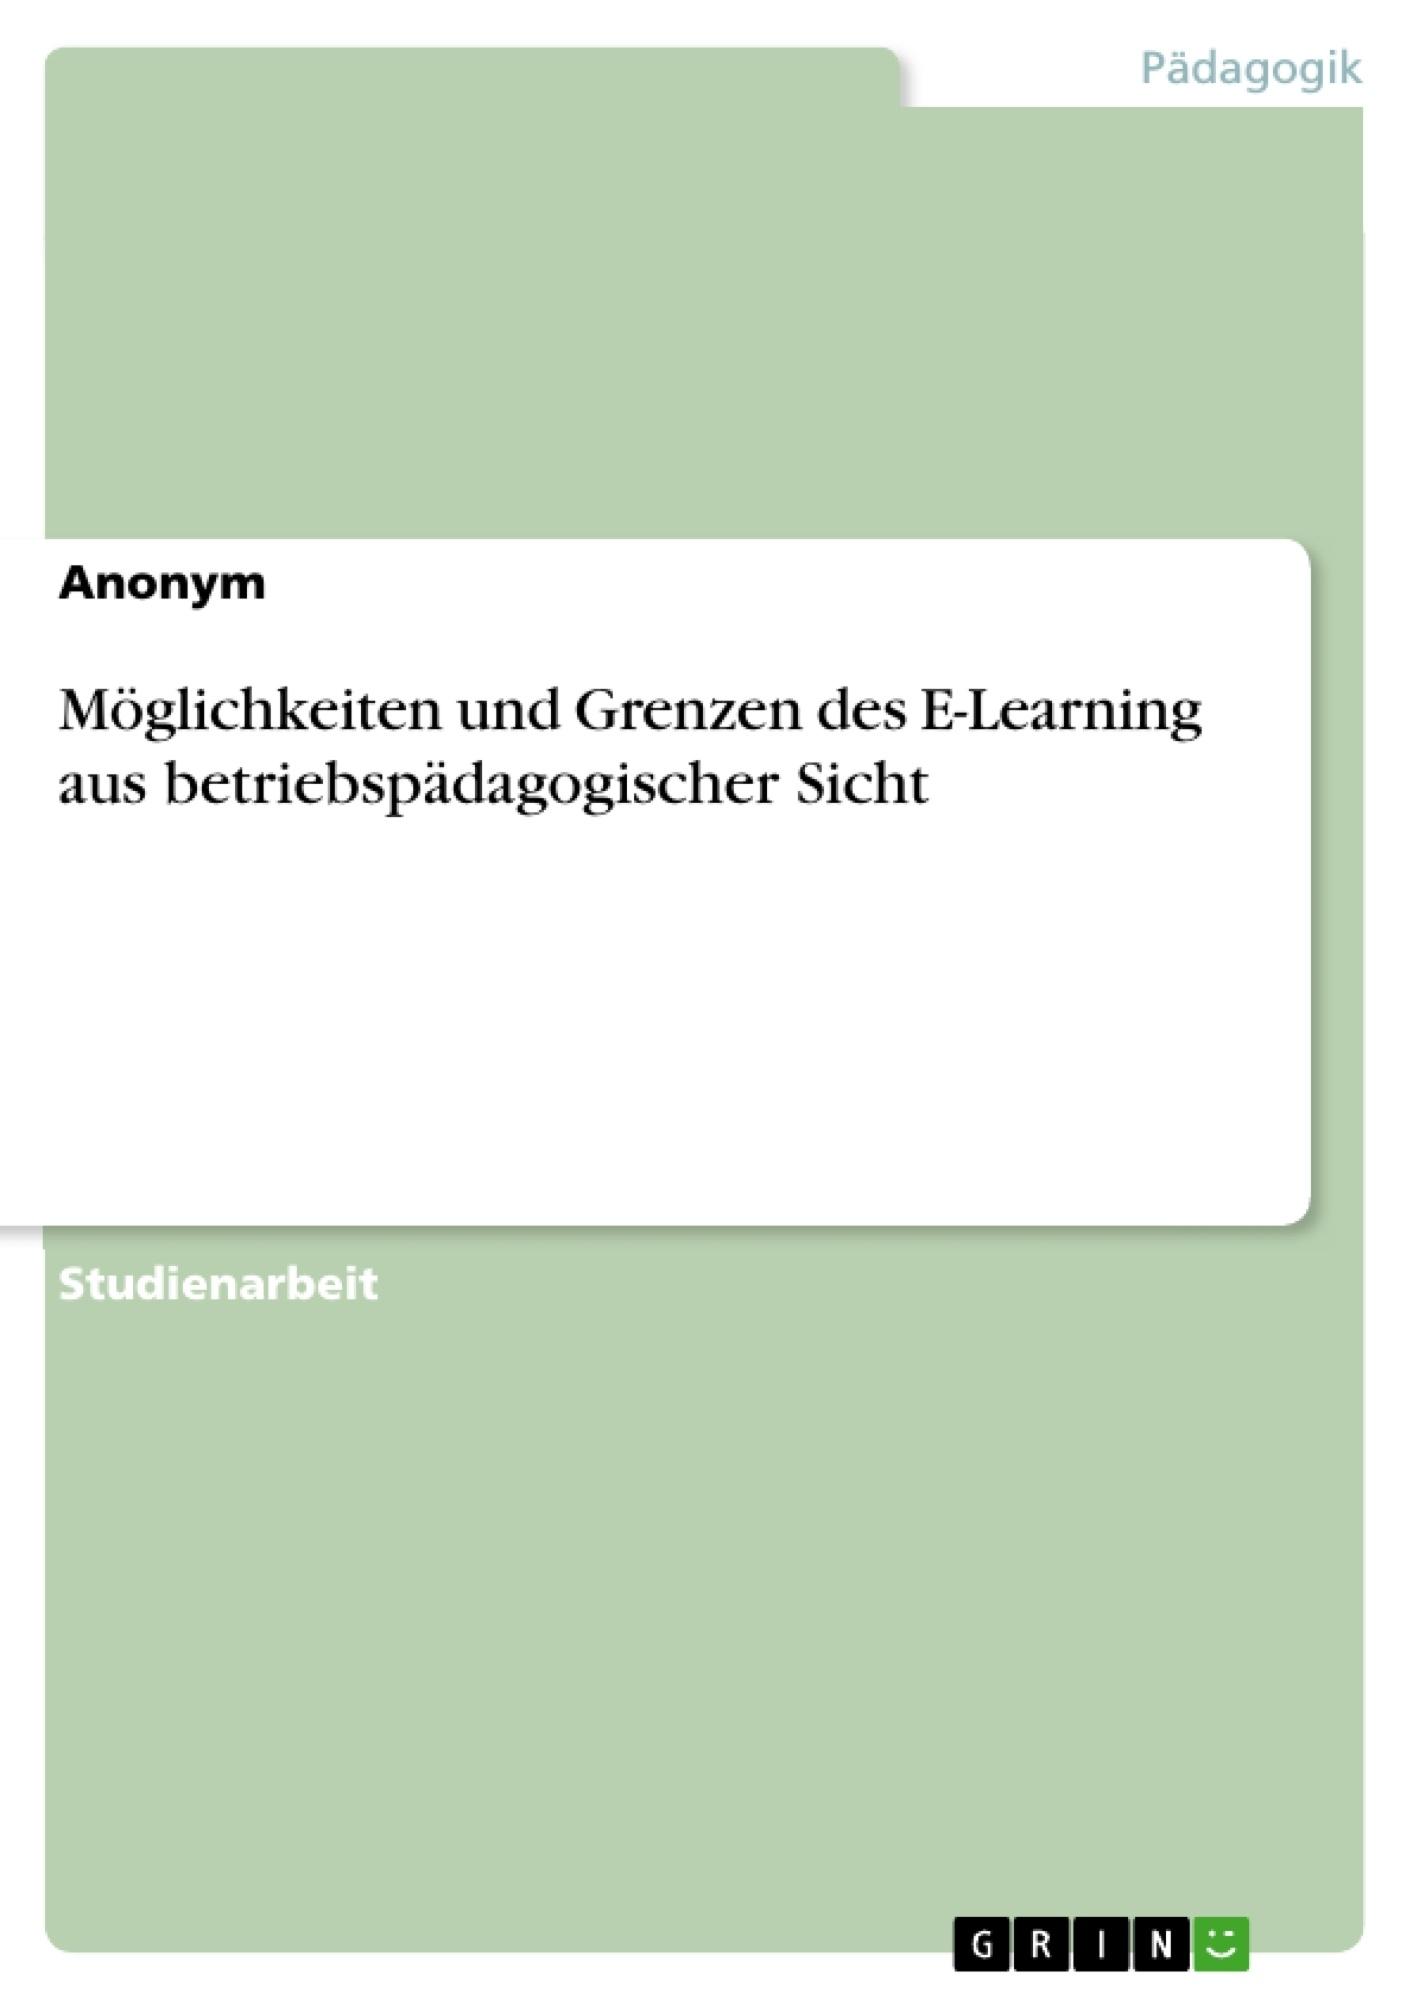 Titel: Möglichkeiten und Grenzen des E-Learning aus betriebspädagogischer Sicht